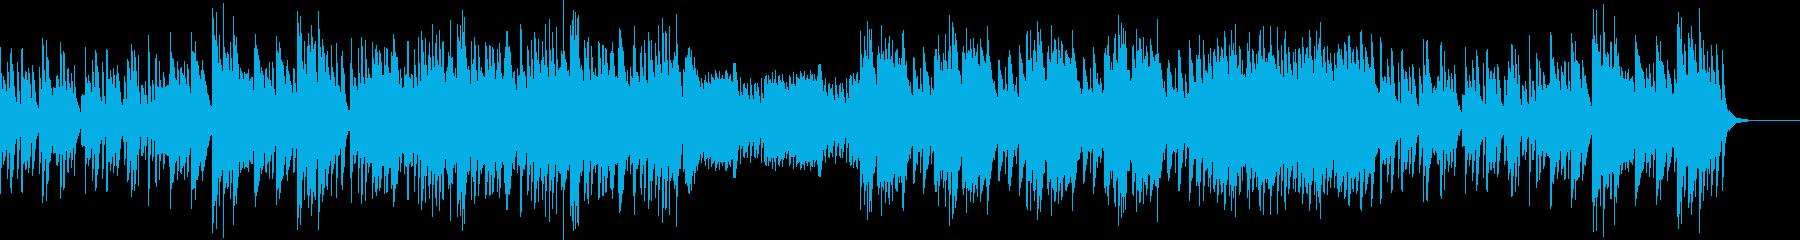 静かで切ない系のピアノ曲の再生済みの波形